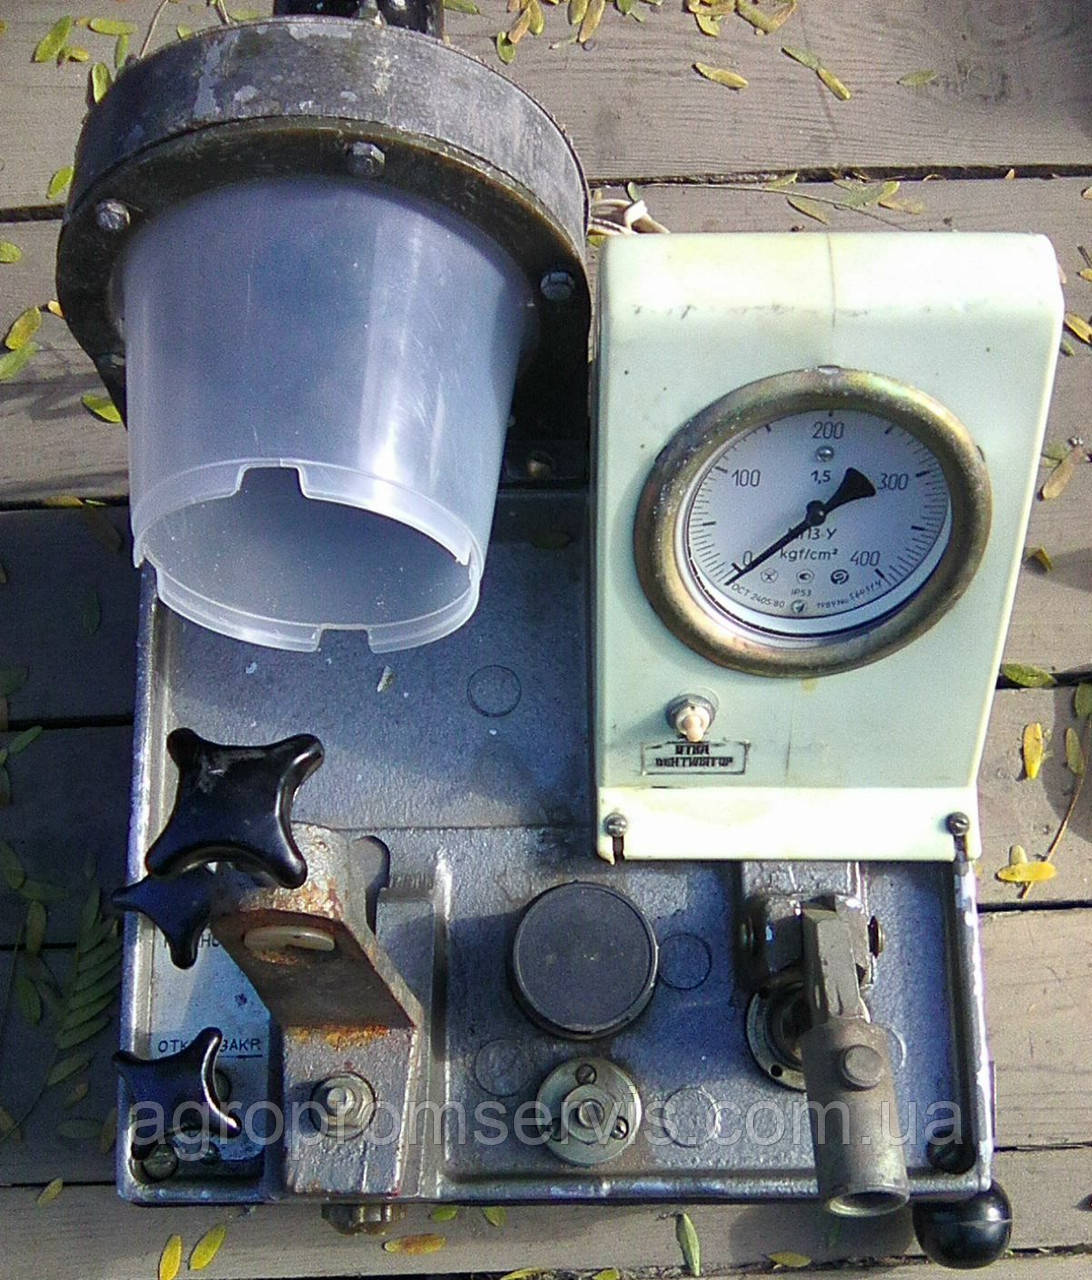 КИ 15706-01 Стенд для испытания и регулировки форсунок литой чугунный корпус